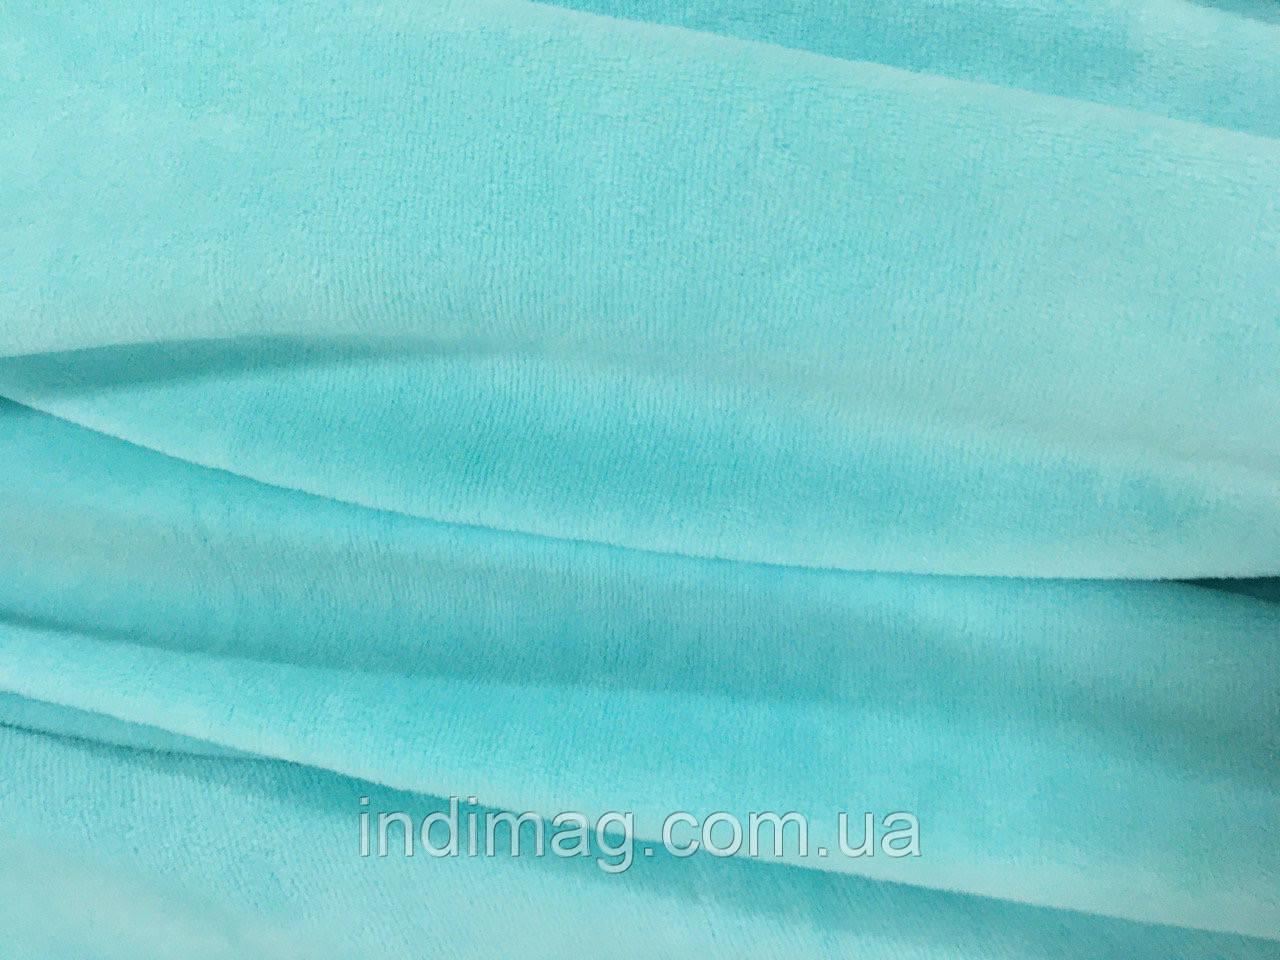 Велюр хлопковый   голубая мята  ринг